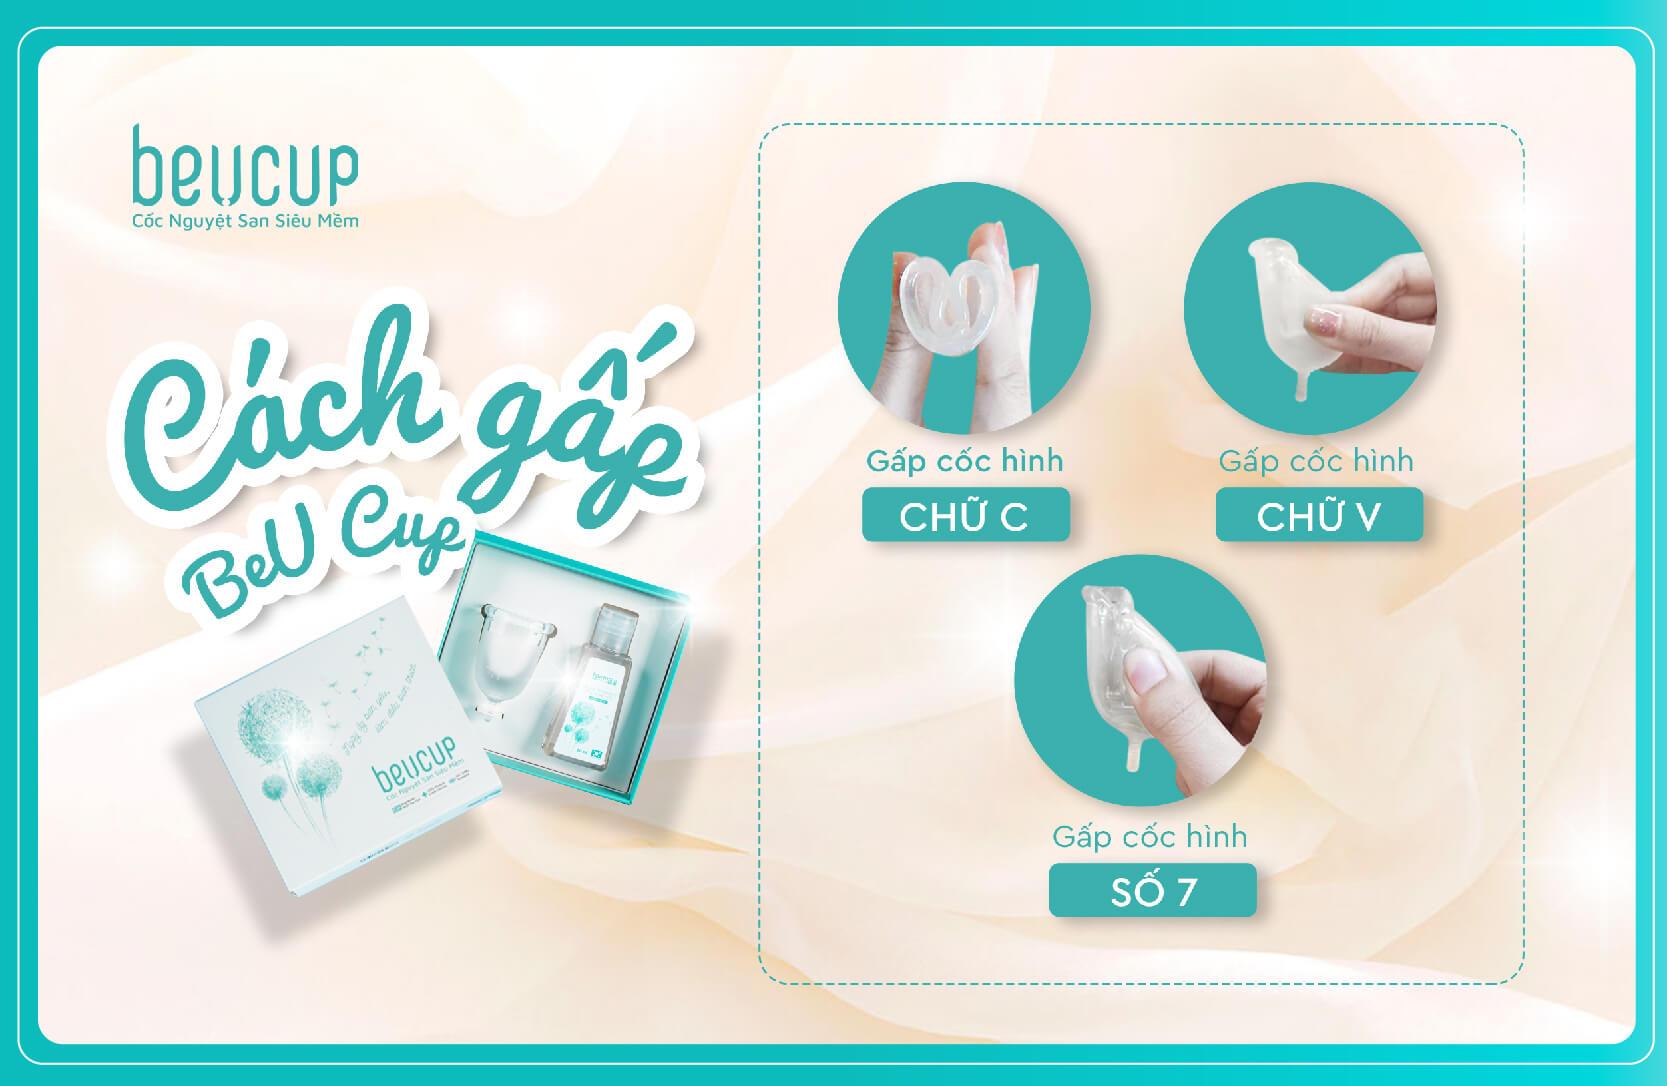 Bộ sản phẩm Cốc nguyệt san BeUcup 100% Silicone y tế Waker Đức kháng khuẩn siêu mềm, đạt chuẩn FDA Hoa Kỳ JN-CNS01